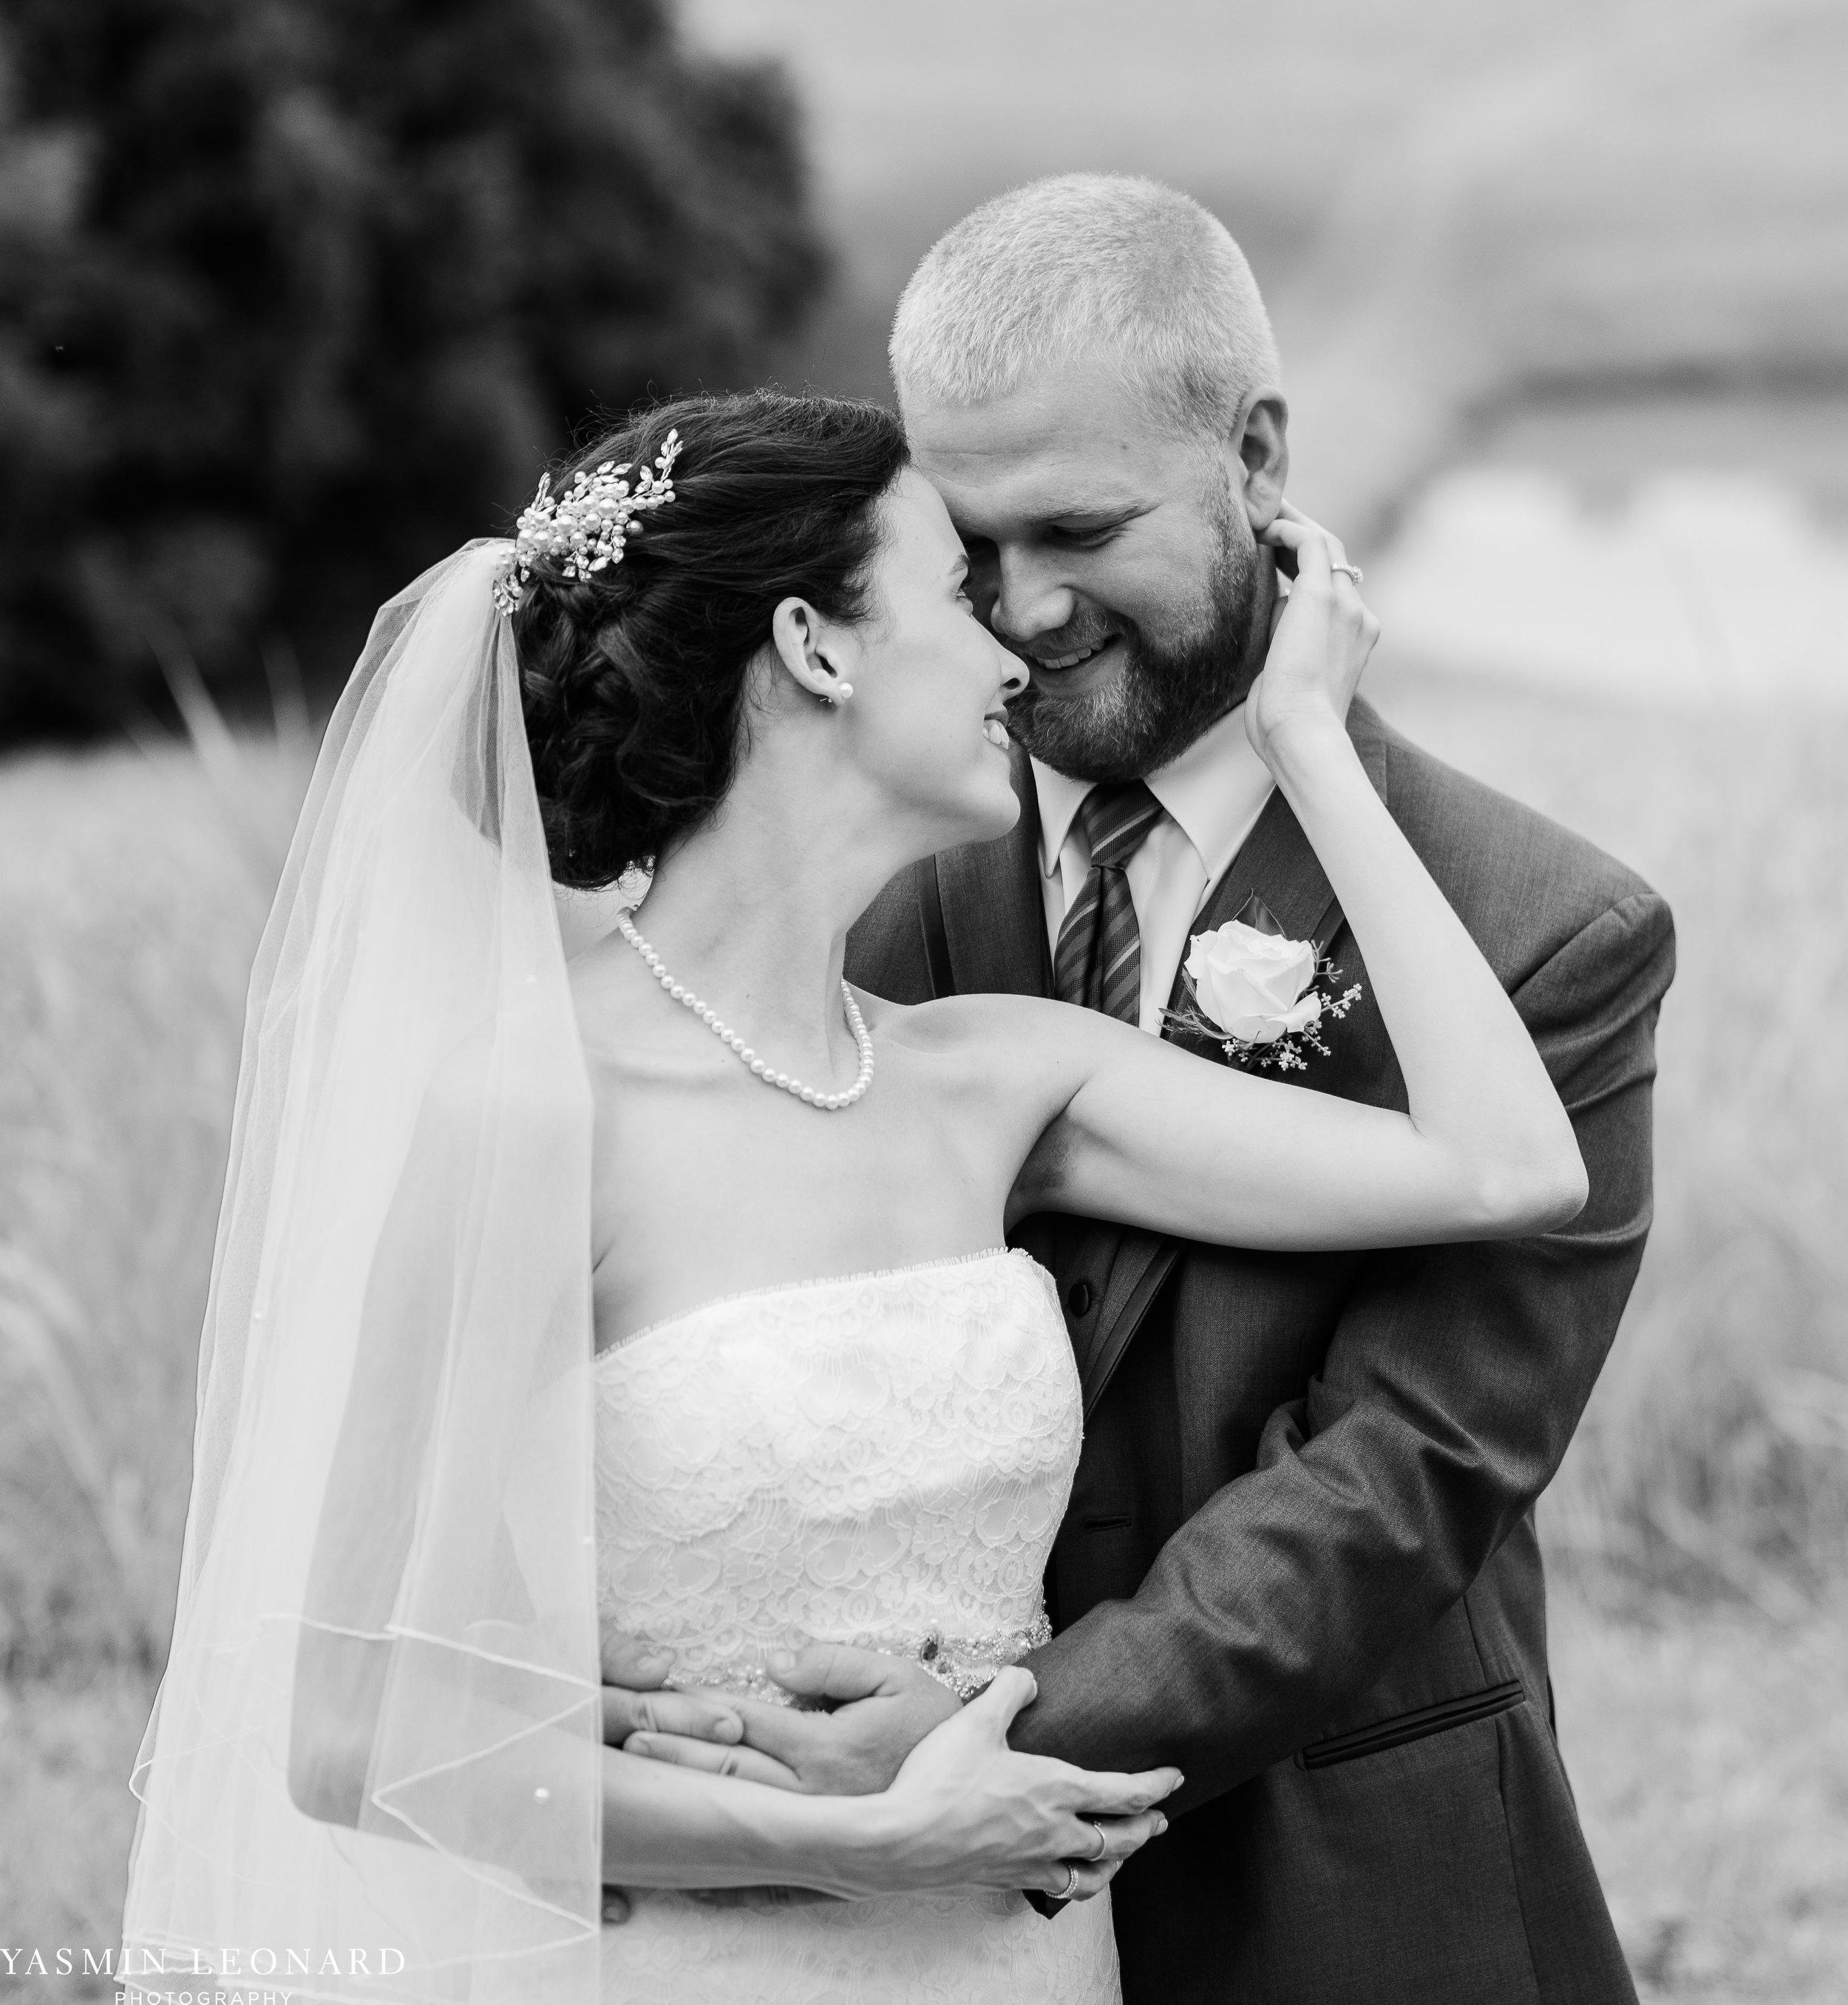 Mt. Pleasant Church - Church Wedding - Traditional Wedding - Church Ceremony - Country Wedding - Godly Wedding - NC Wedding Photographer - High Point Weddings - Triad Weddings - NC Venues-29.jpg